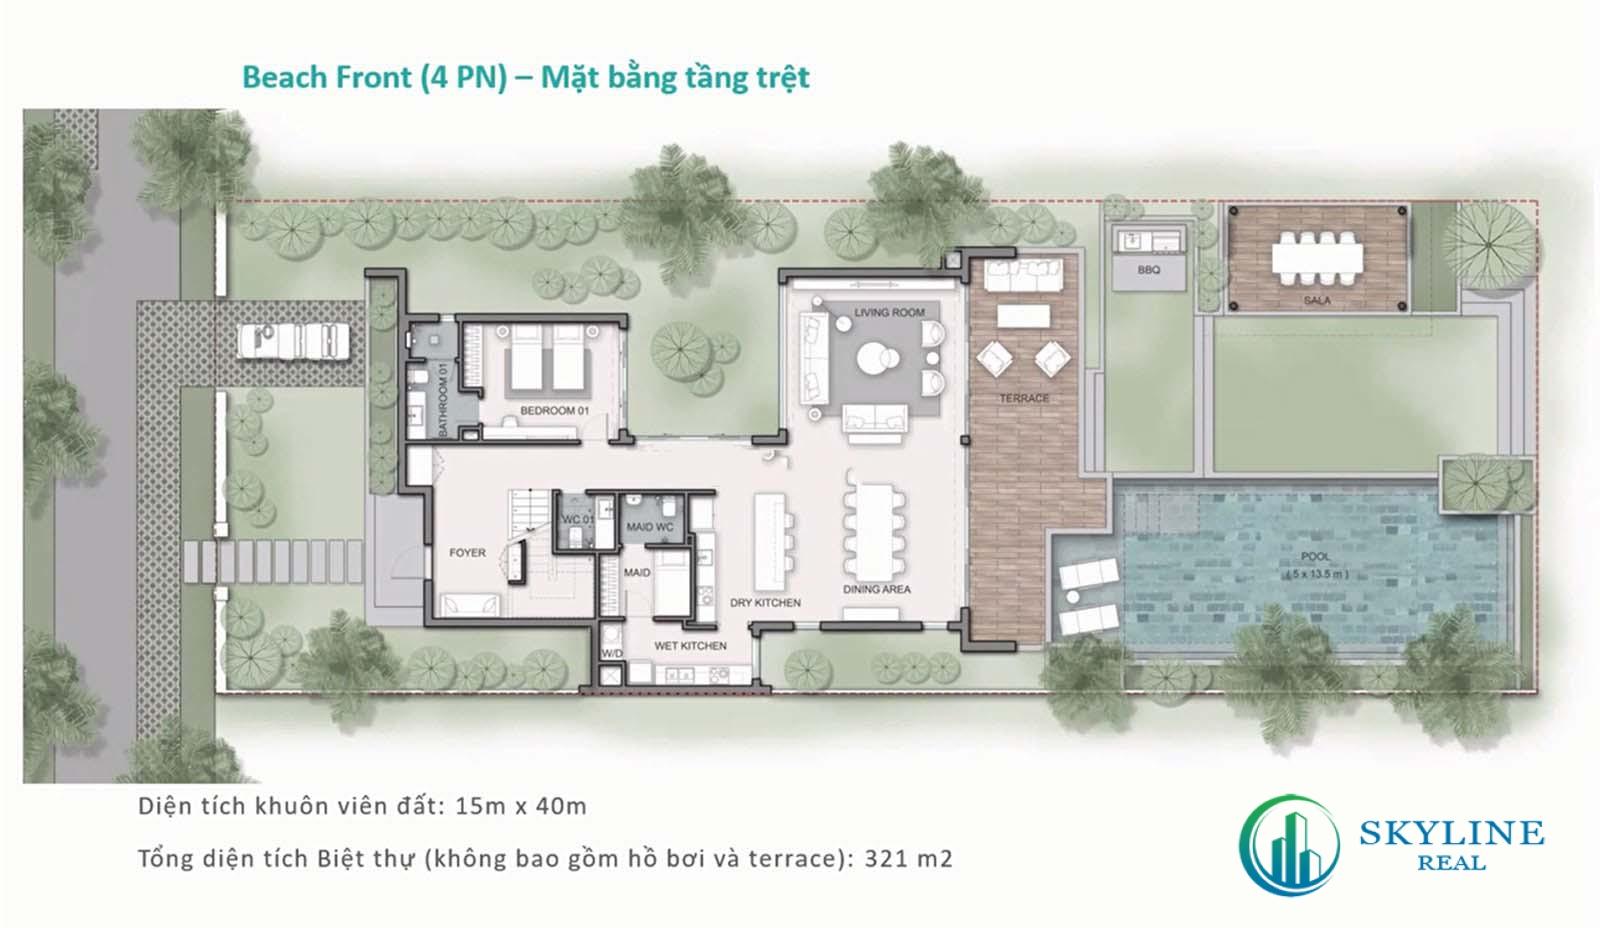 Biệt thự Maia Resort Quy Nhơn 4 phòng ngủ - Beach Front villa